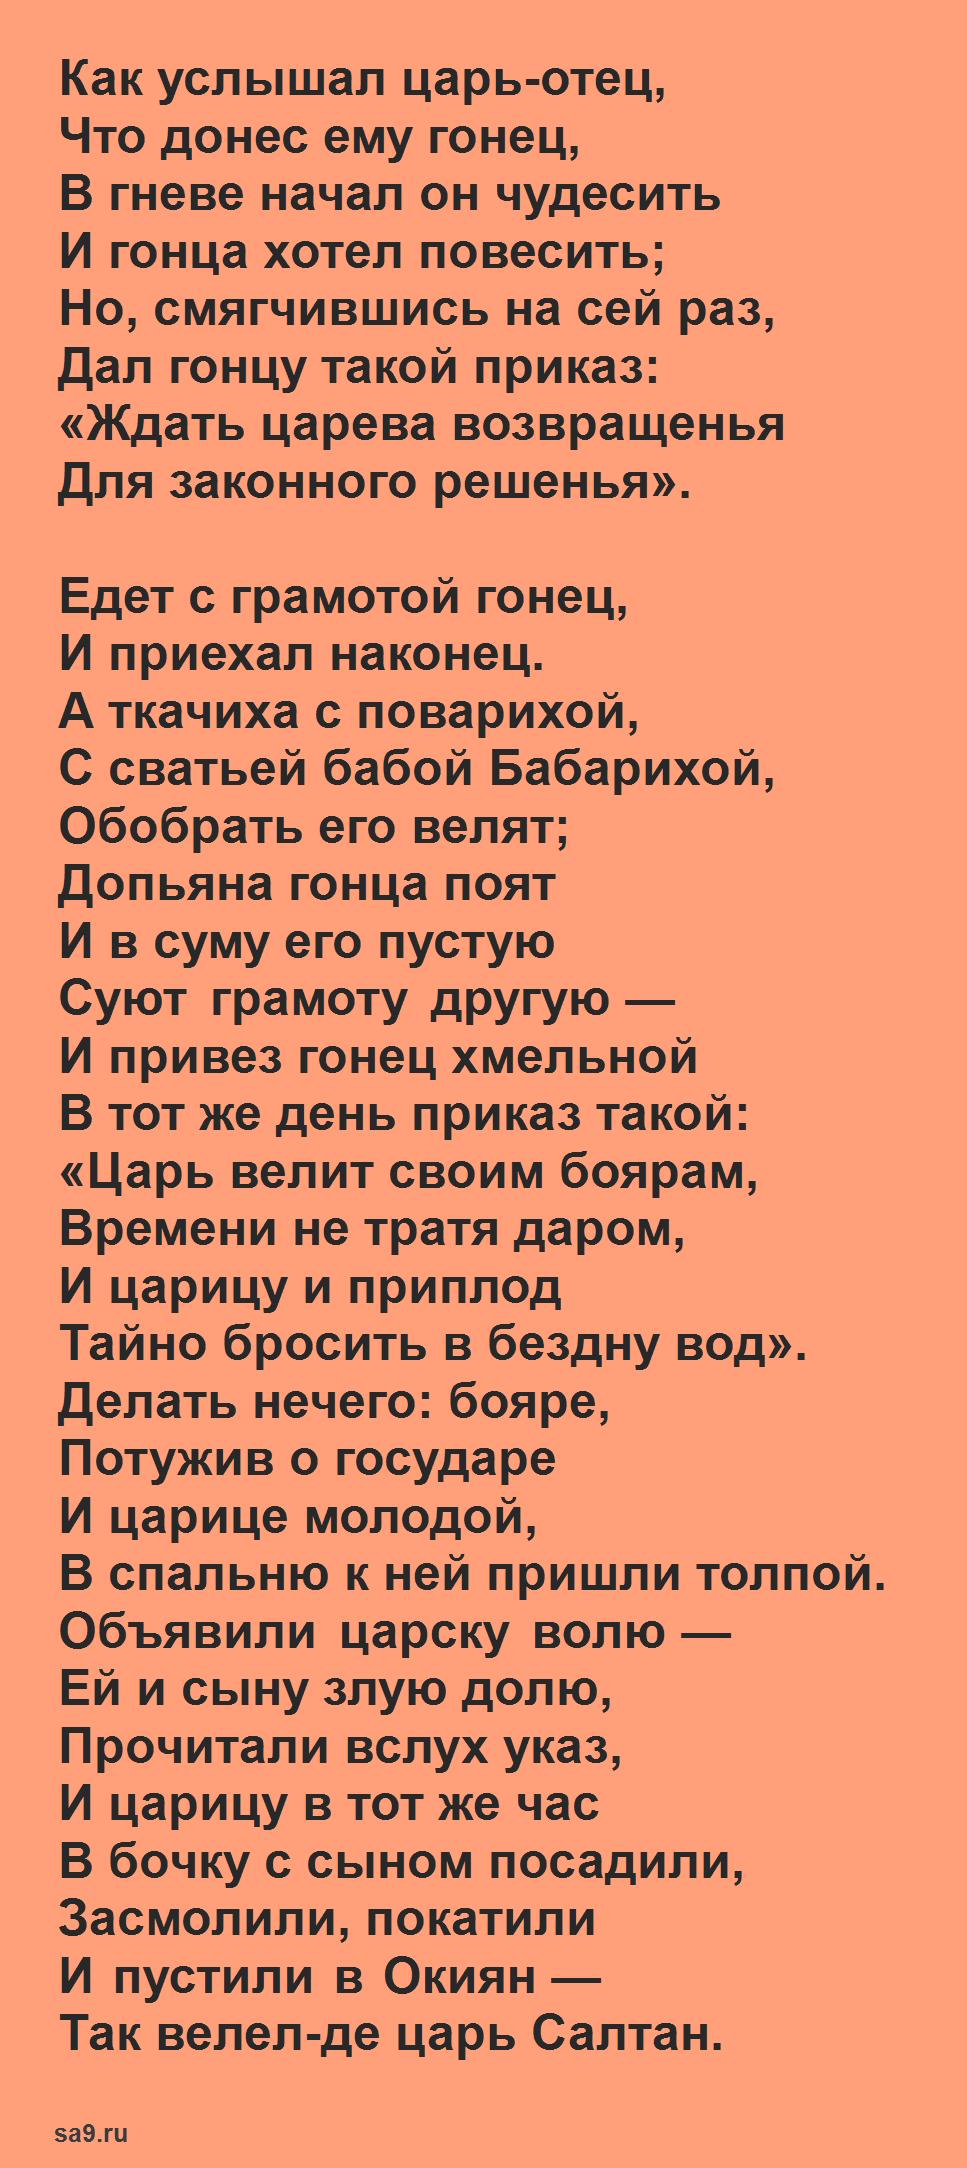 Пушкин сказка  ' О царе Салтане'